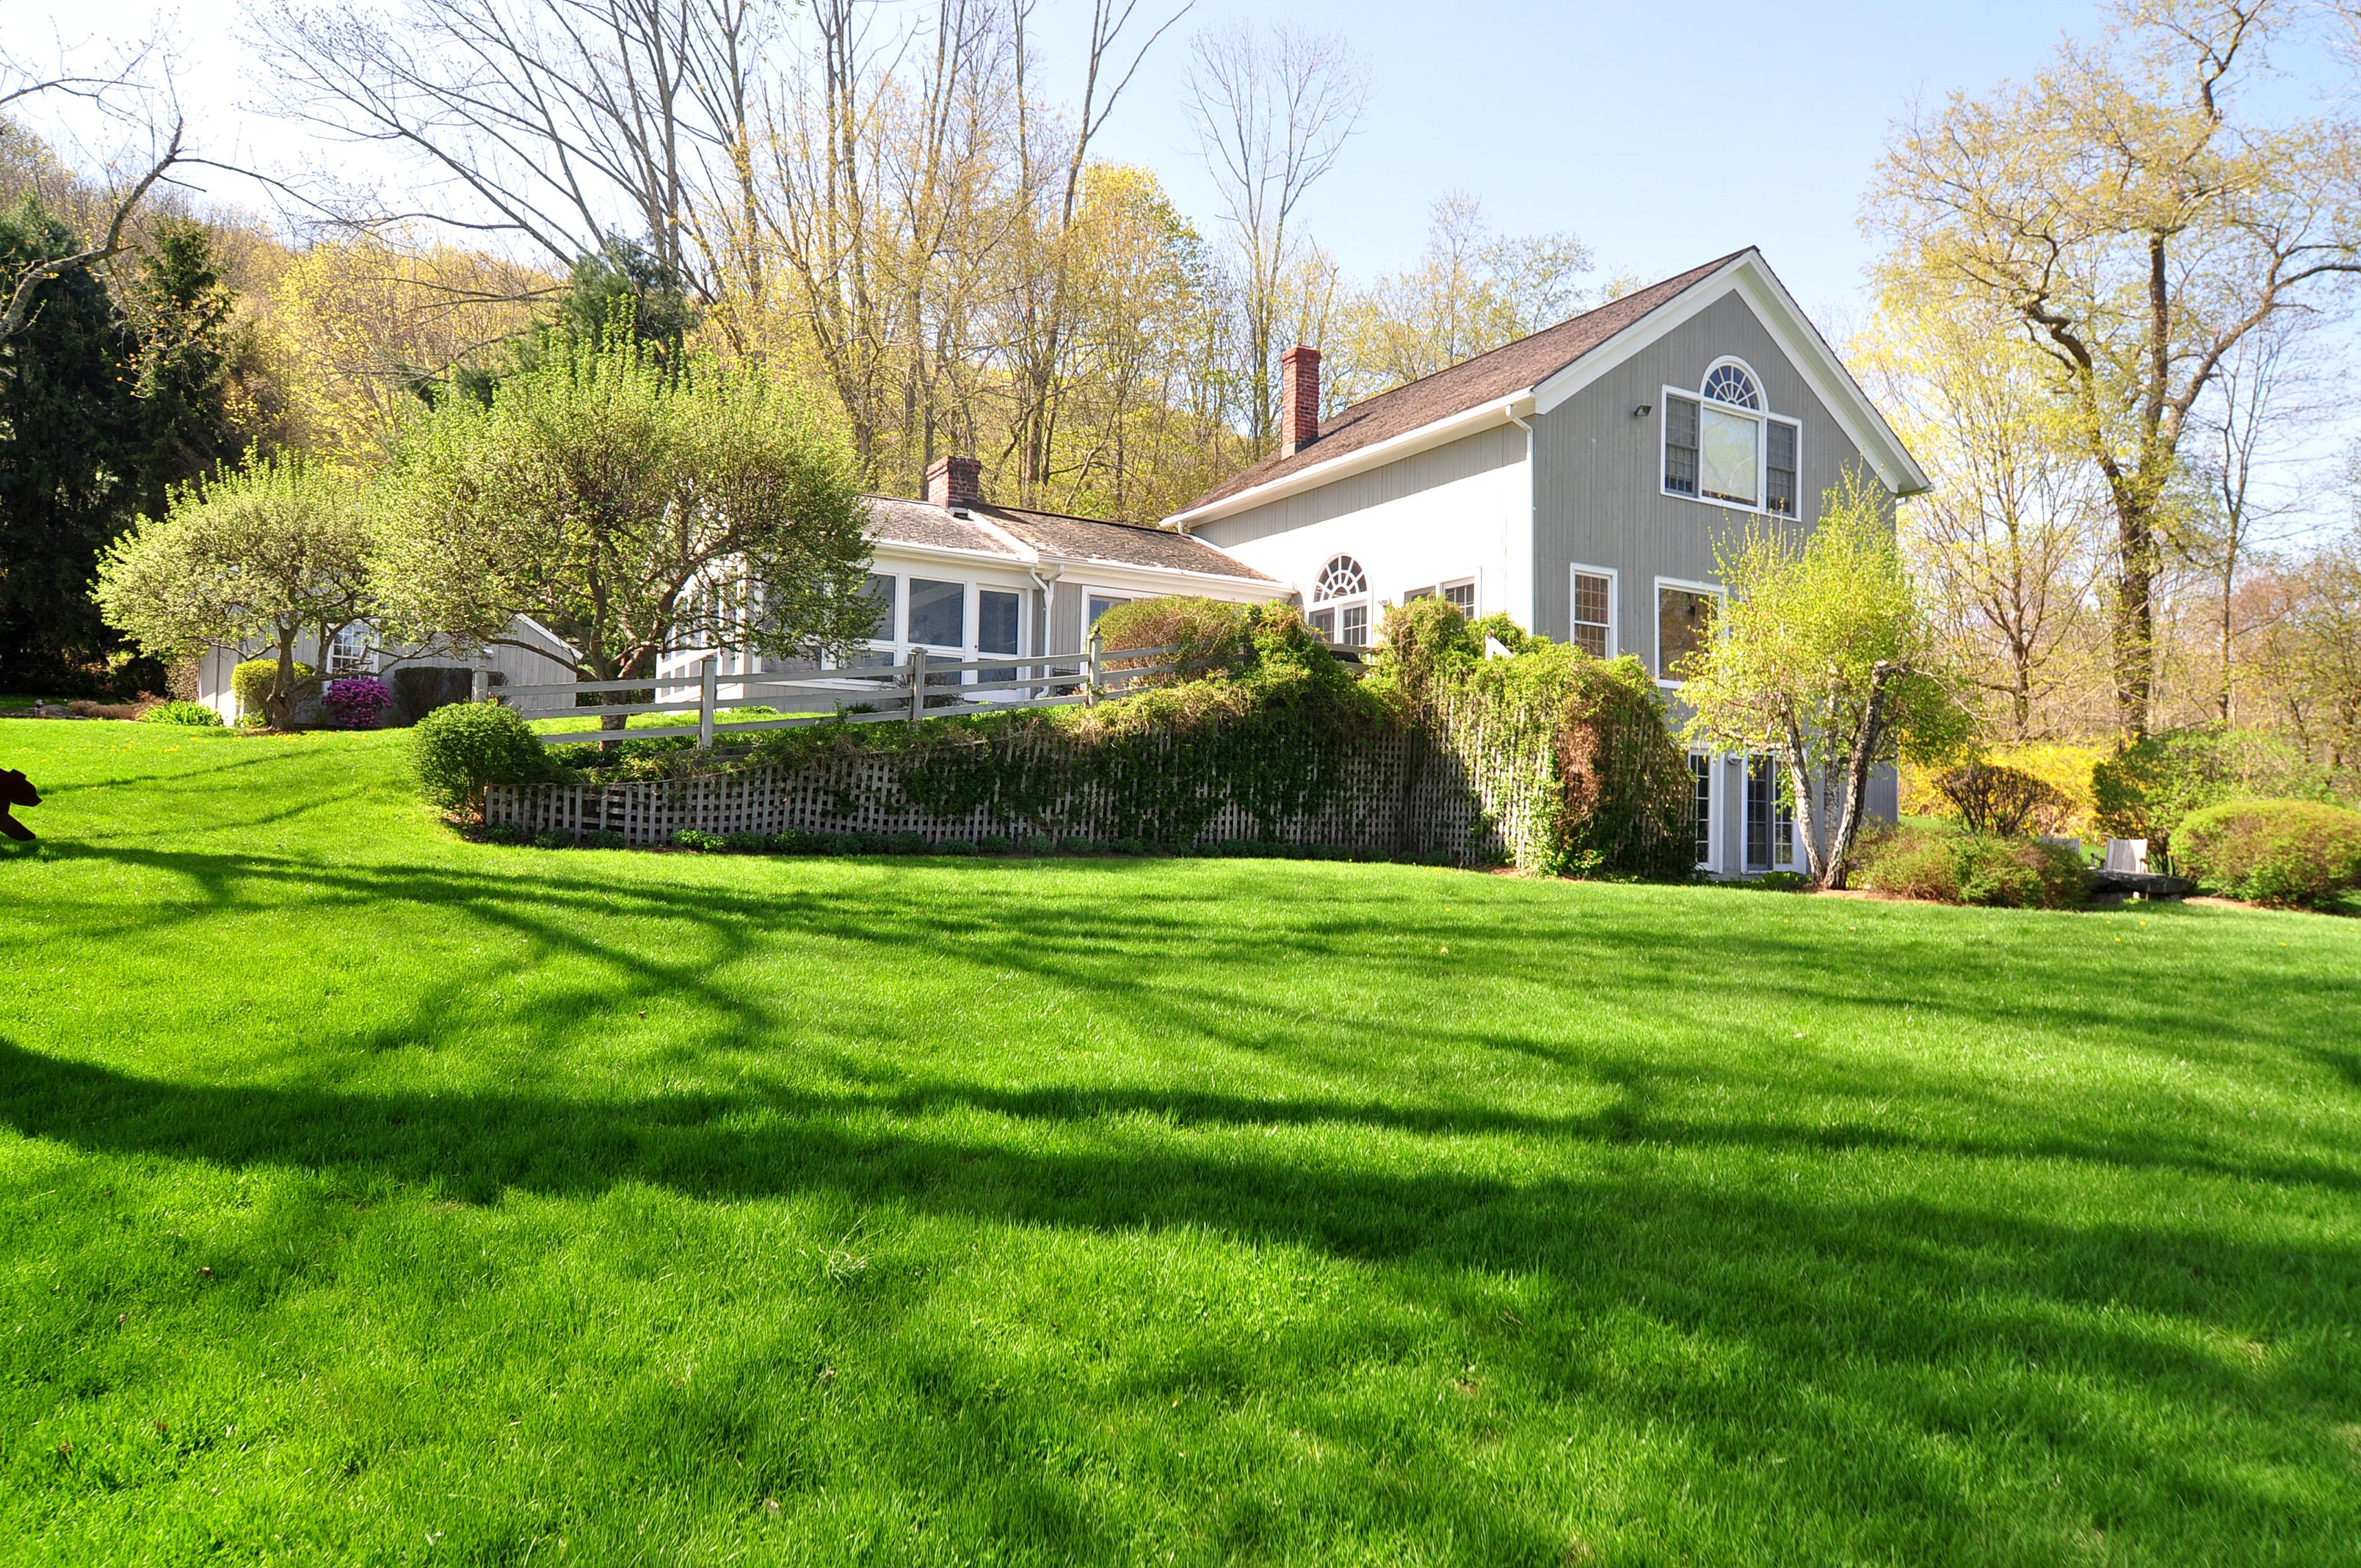 Casa Unifamiliar por un Venta en Wonderful Country Barn Style Home 221 Lake Rd Warren, Connecticut 06777 Estados Unidos